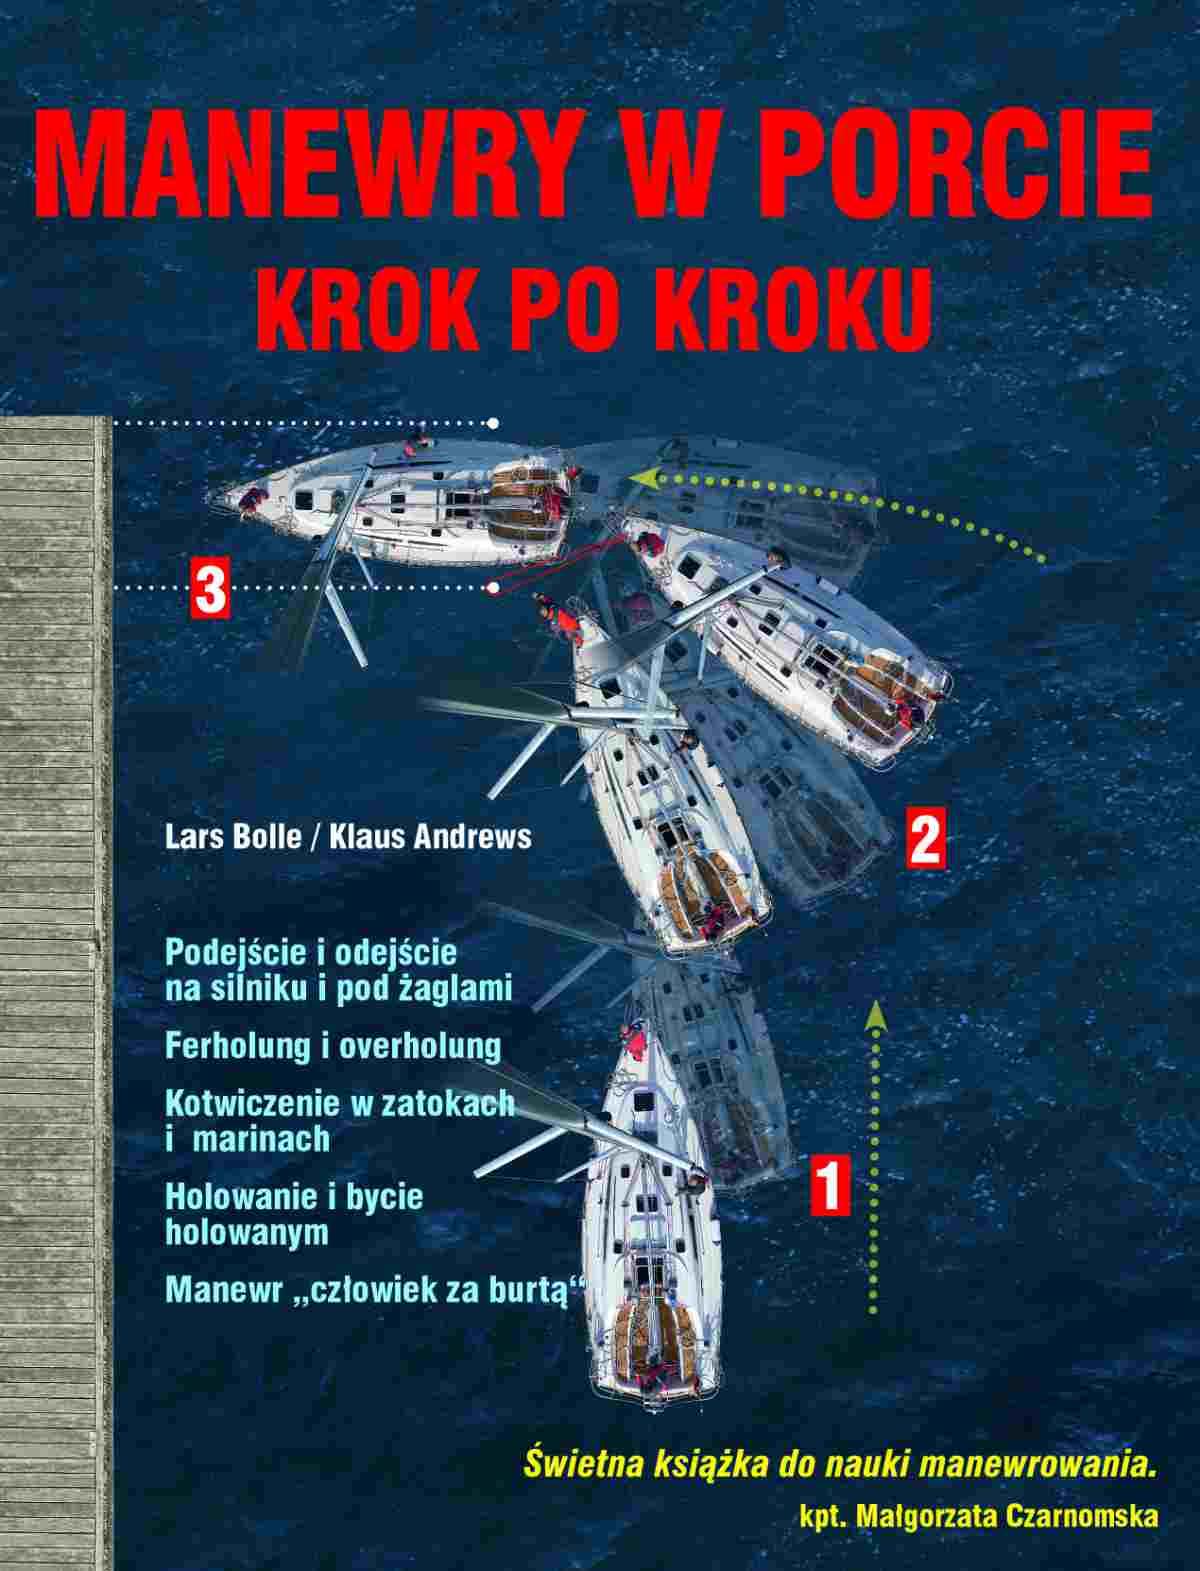 Manewry w porcie krok po kroku - Ebook (Książka PDF) do pobrania w formacie PDF